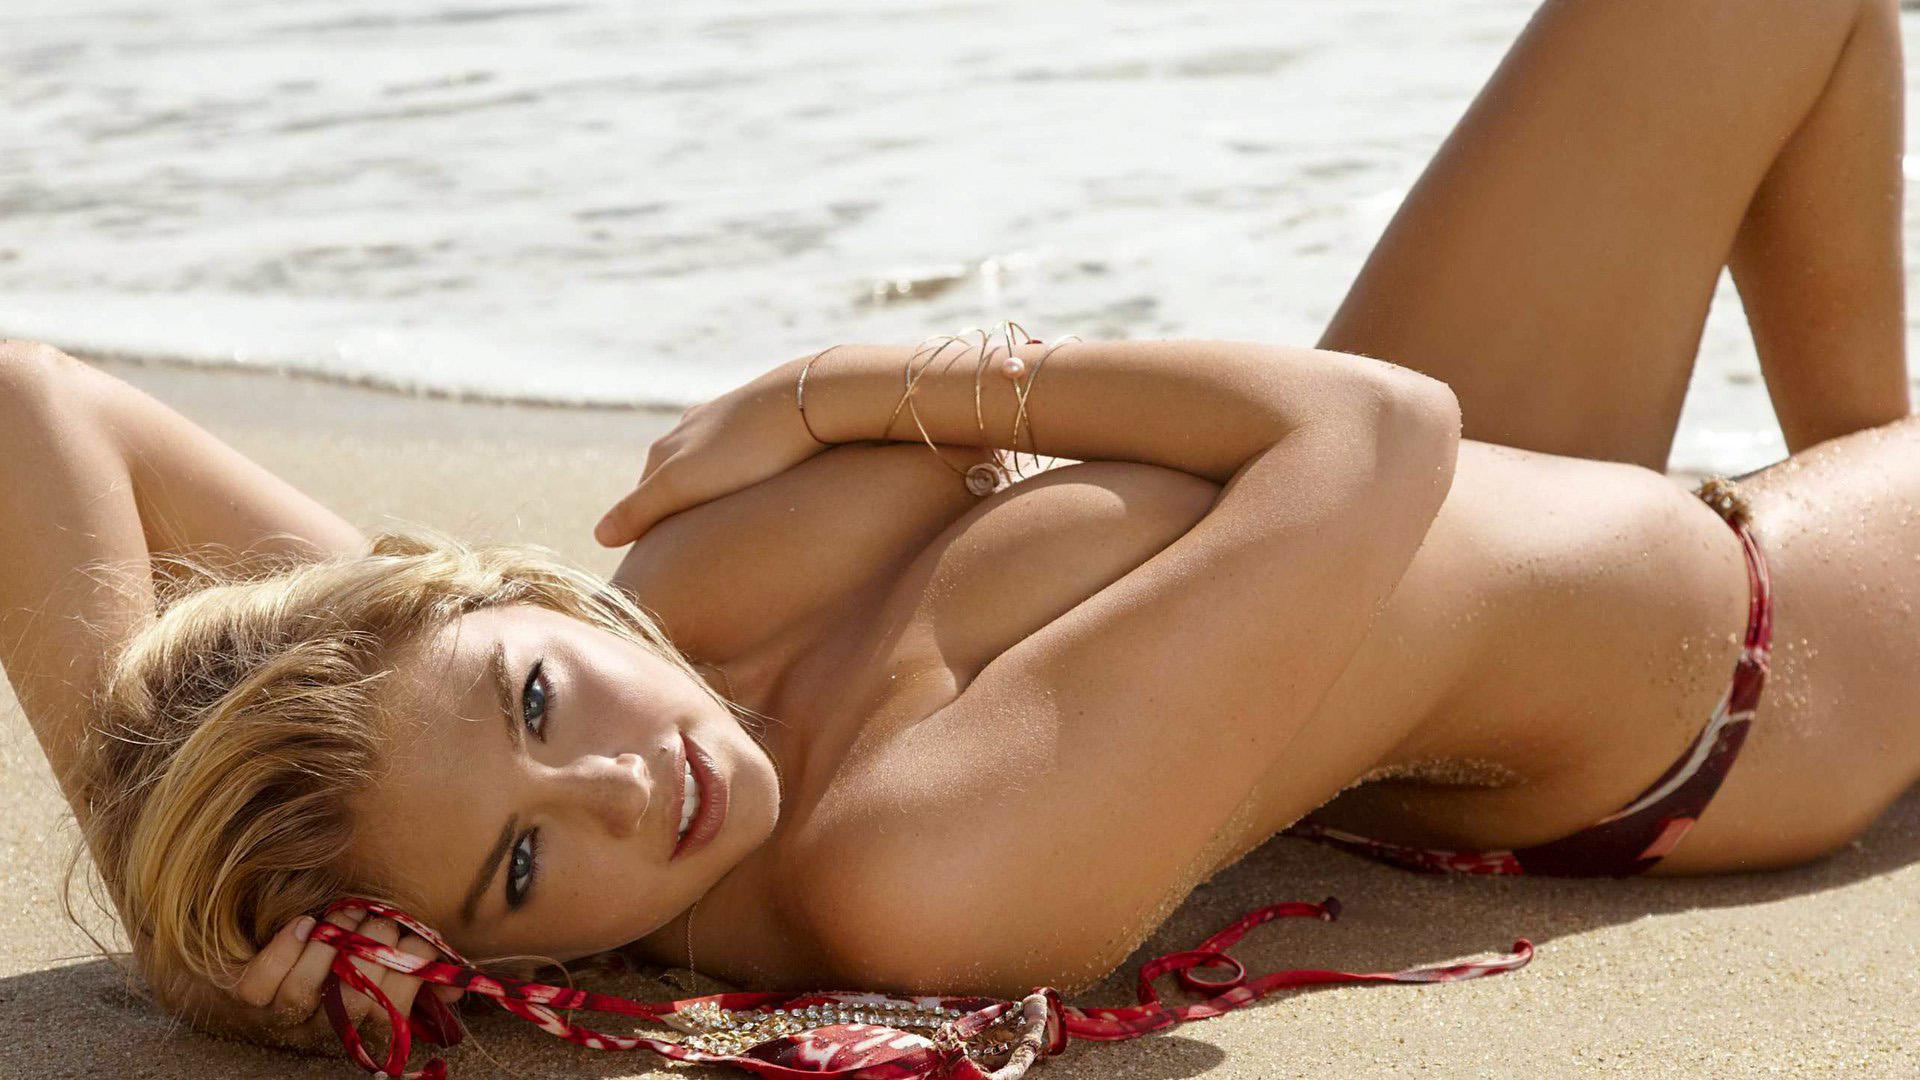 Девушка блондинка лежит на пляже